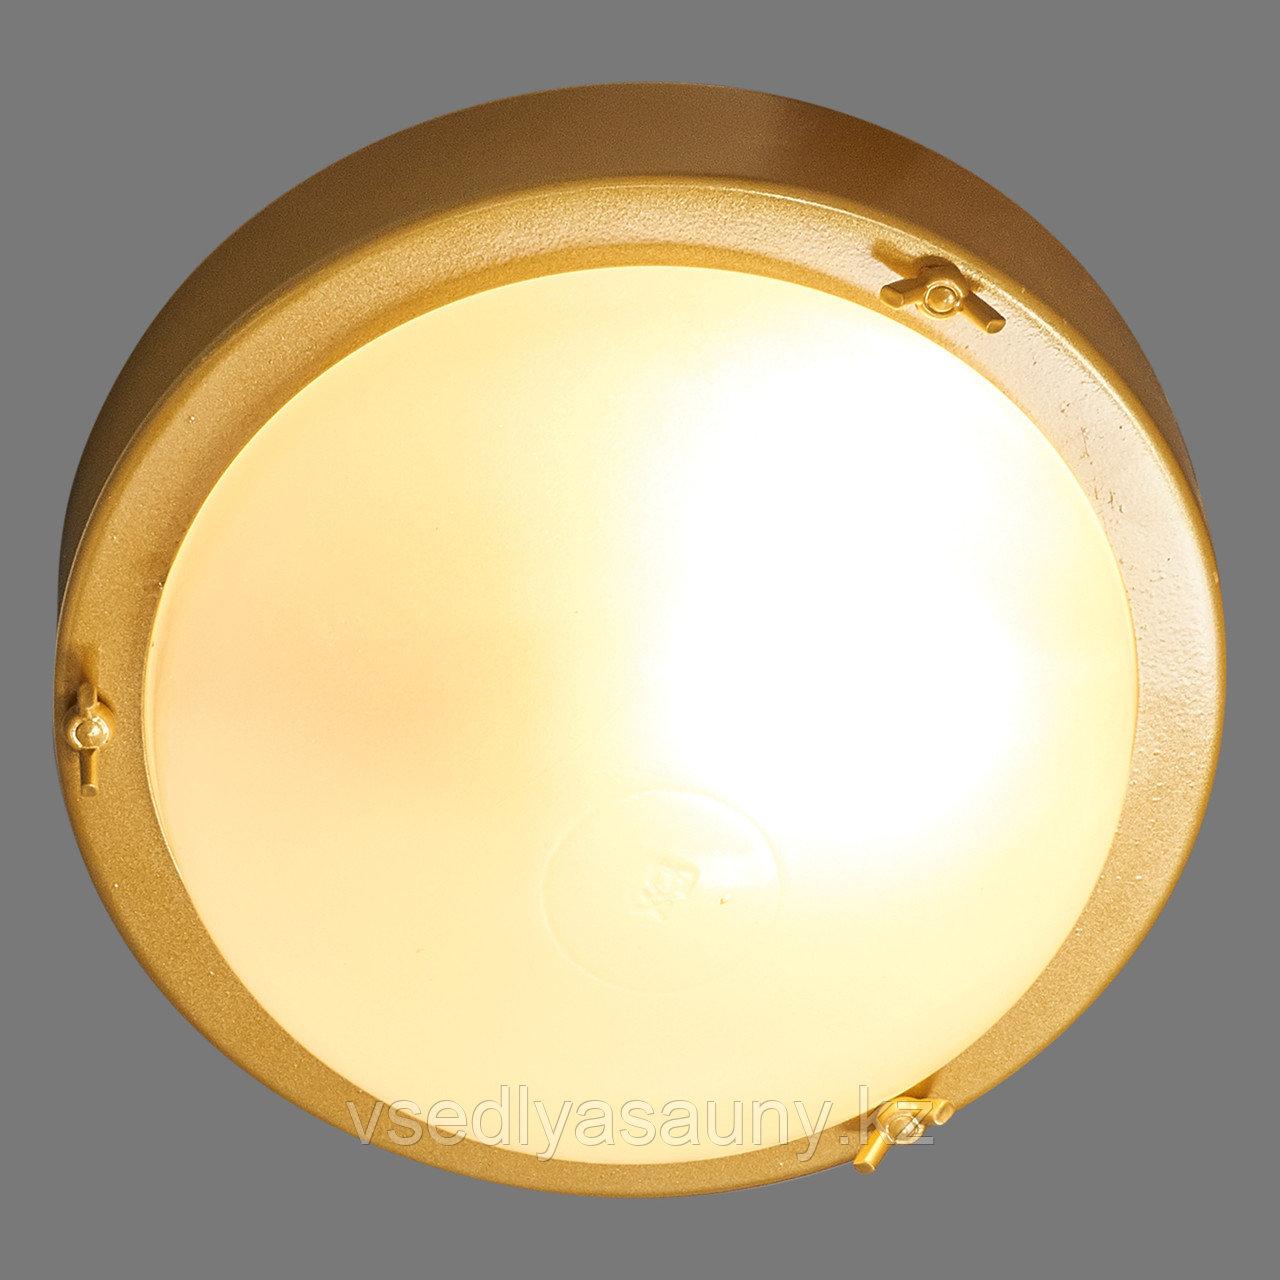 """""""Терма 1"""" НББ 03-100-001 IP65 корпус золото. ИУ Светильник"""